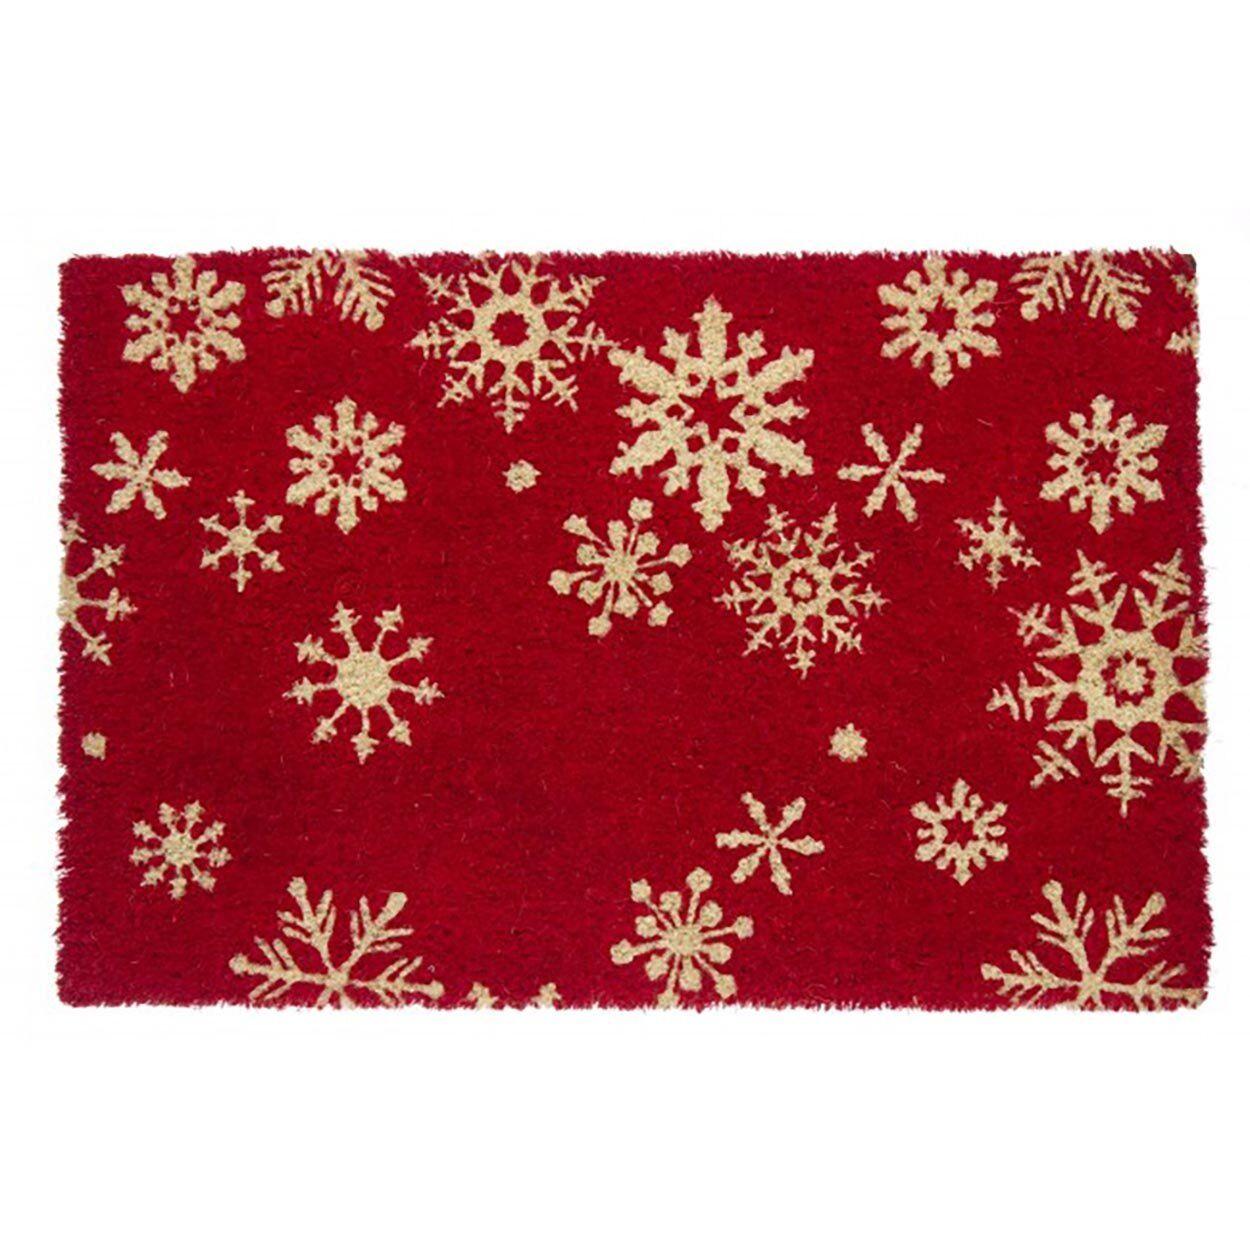 Natale Zerbino festività fiocco neve rosso 40x60